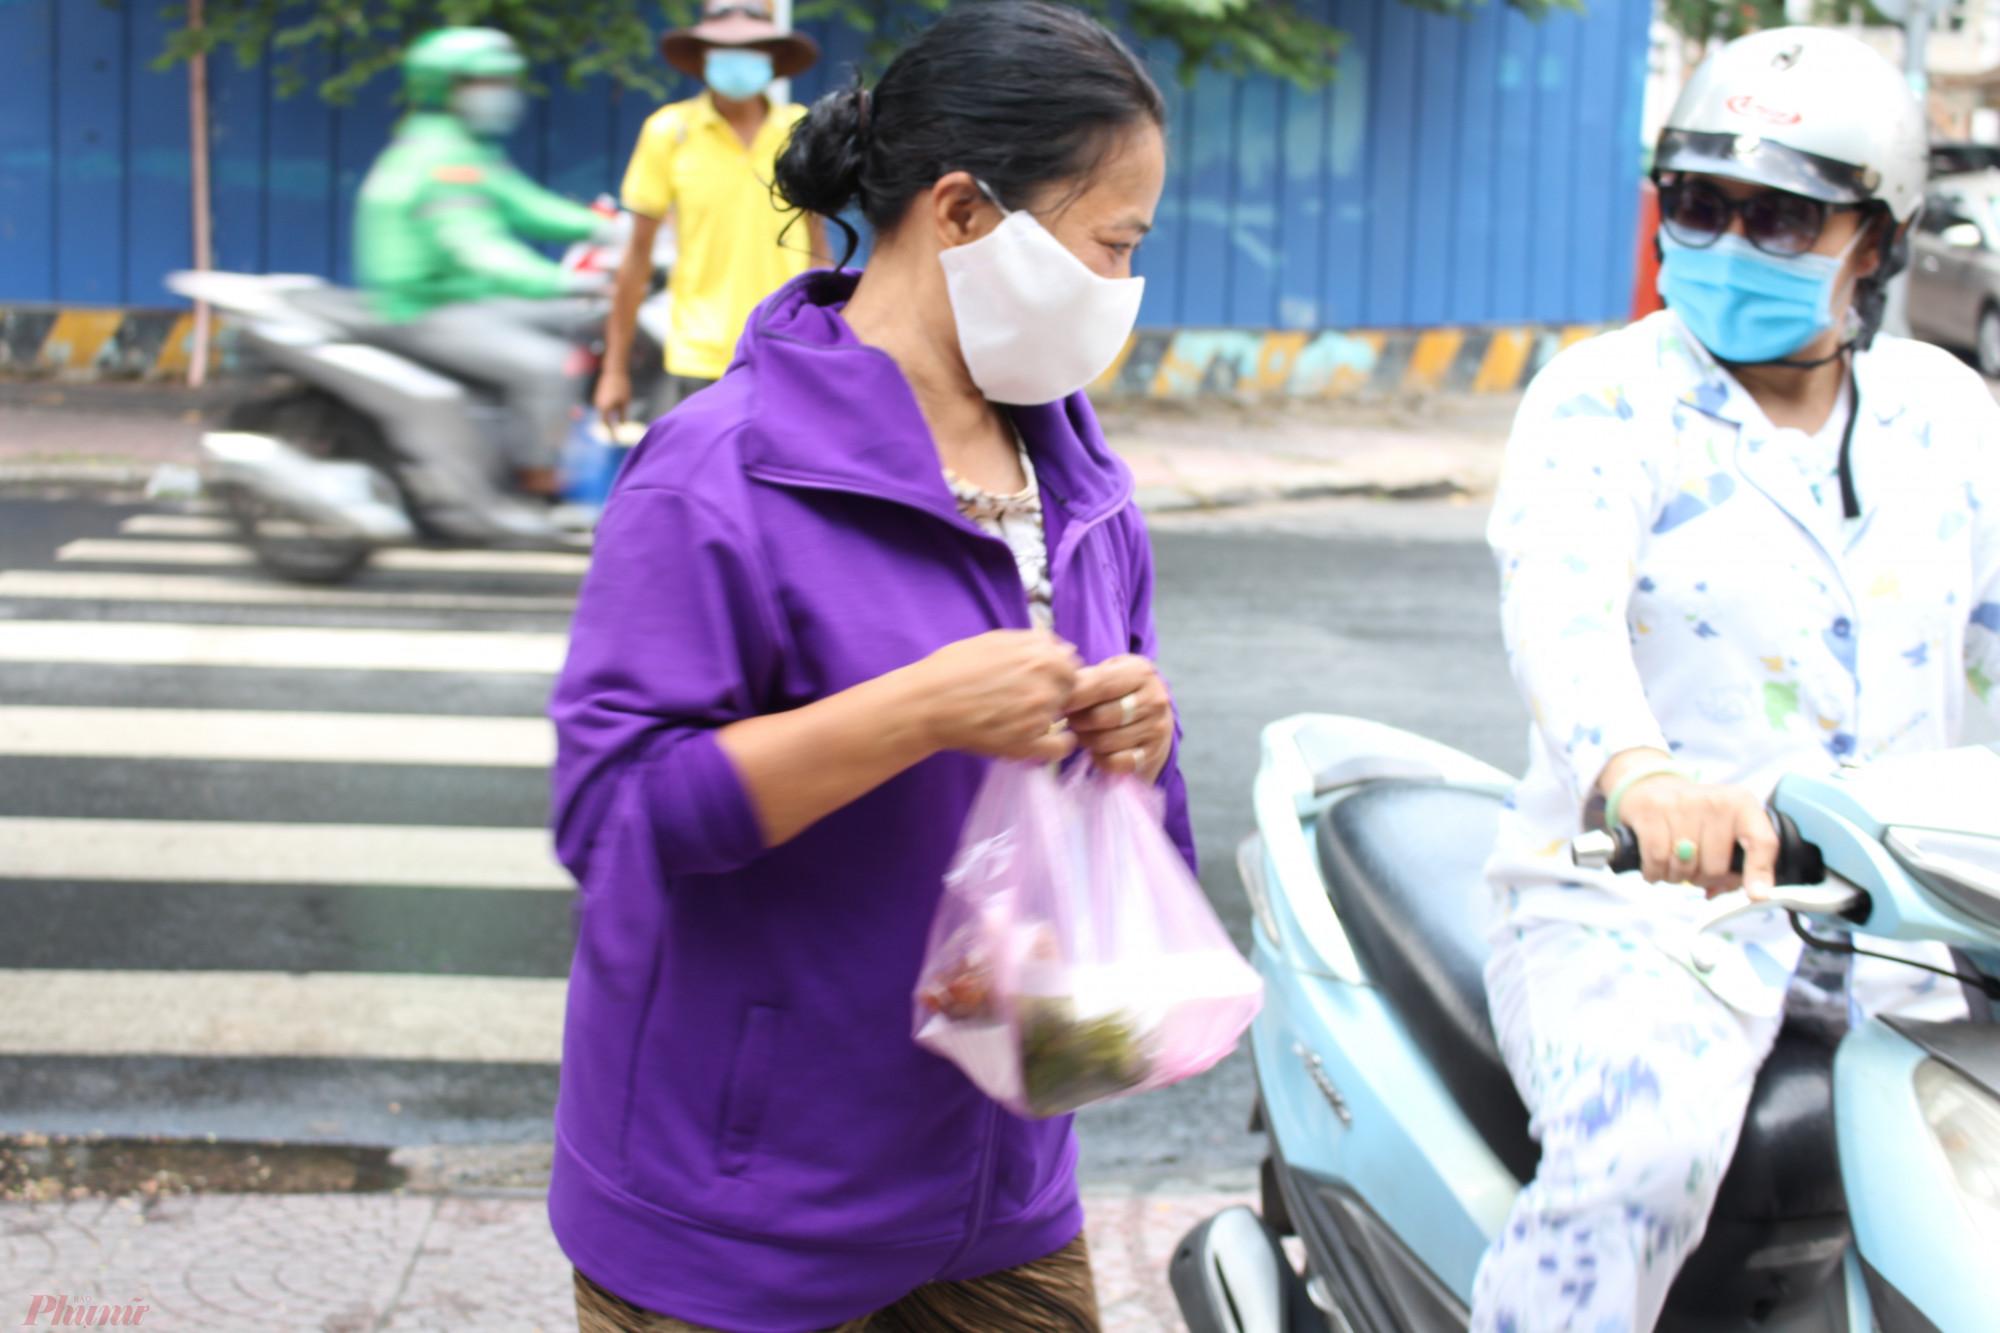 Cô Cao Thị Thanh vốn làm giúp việc ở quận 7, TPHCM. Dịch bệnh, cô mất việc, theo chồng ra ngã tư Nguyễn Trung Trực - Lê Thánh Tôn nhận cơm từ thiện.